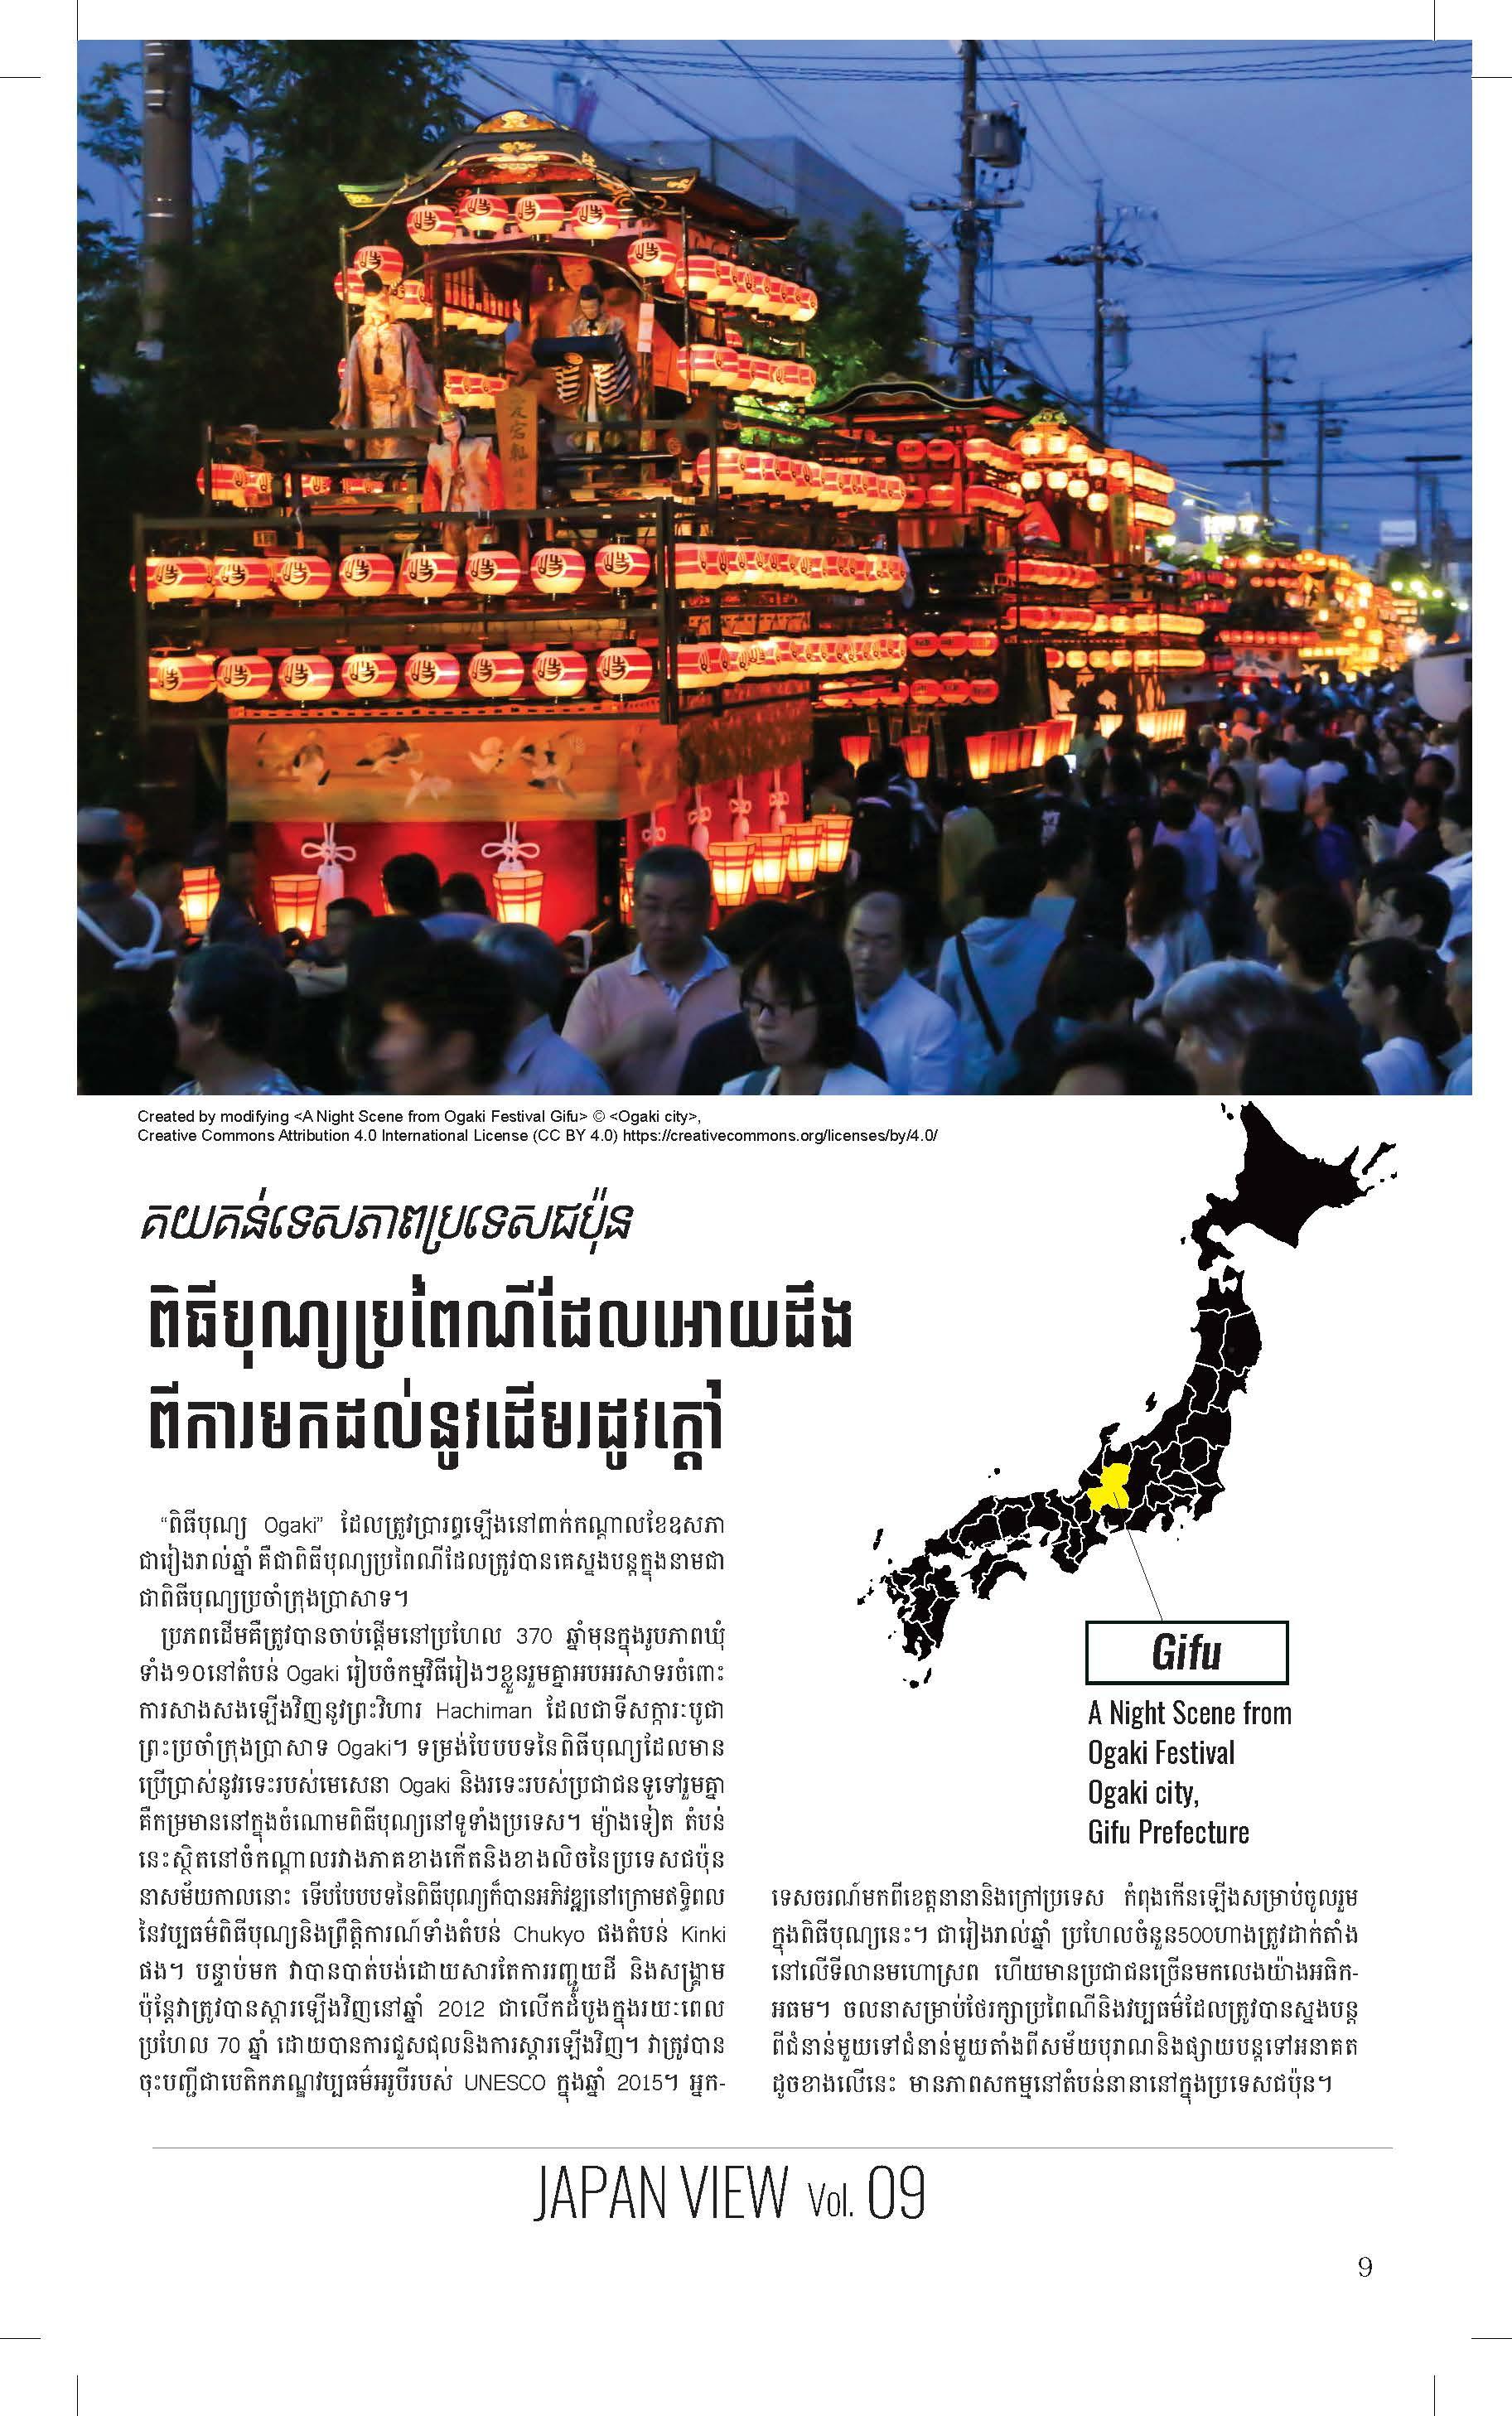 JAPAN VIEW Vol.09- Gifu